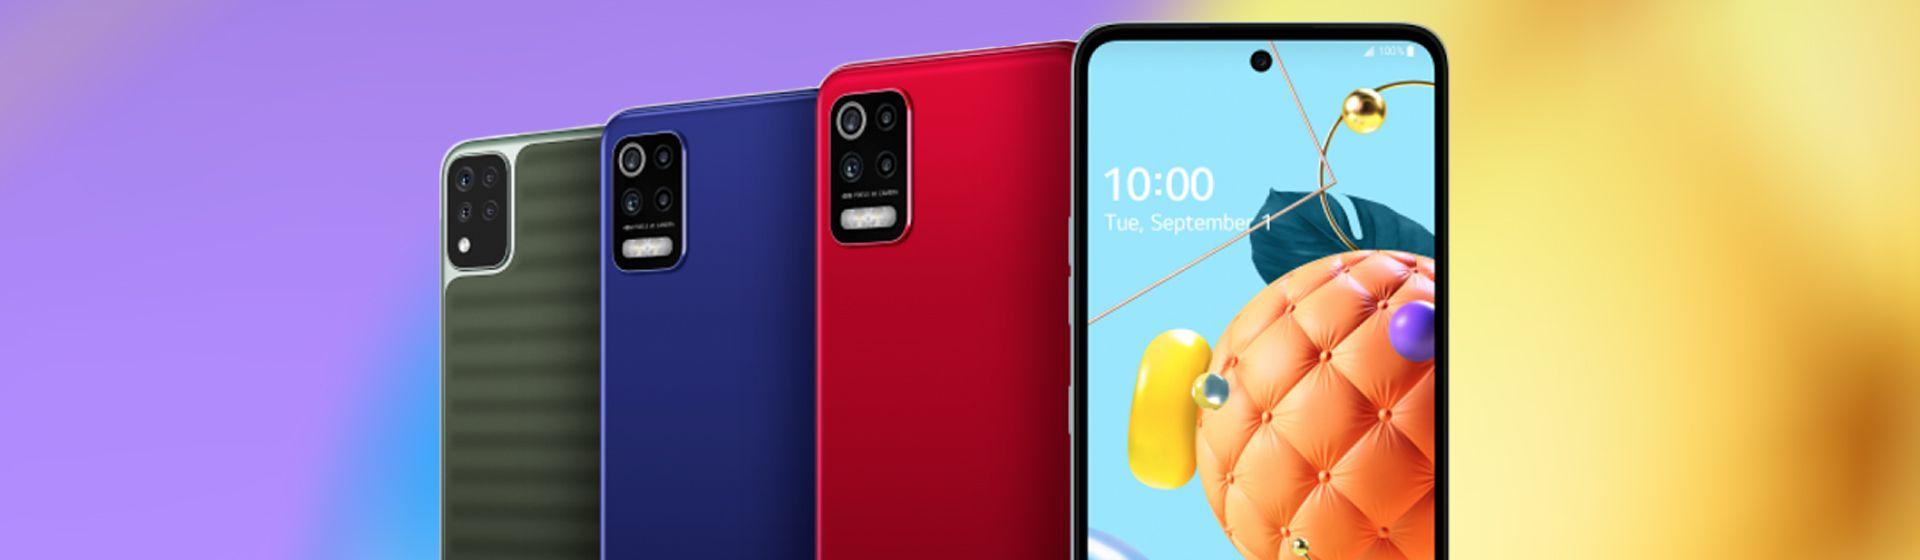 LG K52, K62 e K62+: o que muda entre os três modelos?